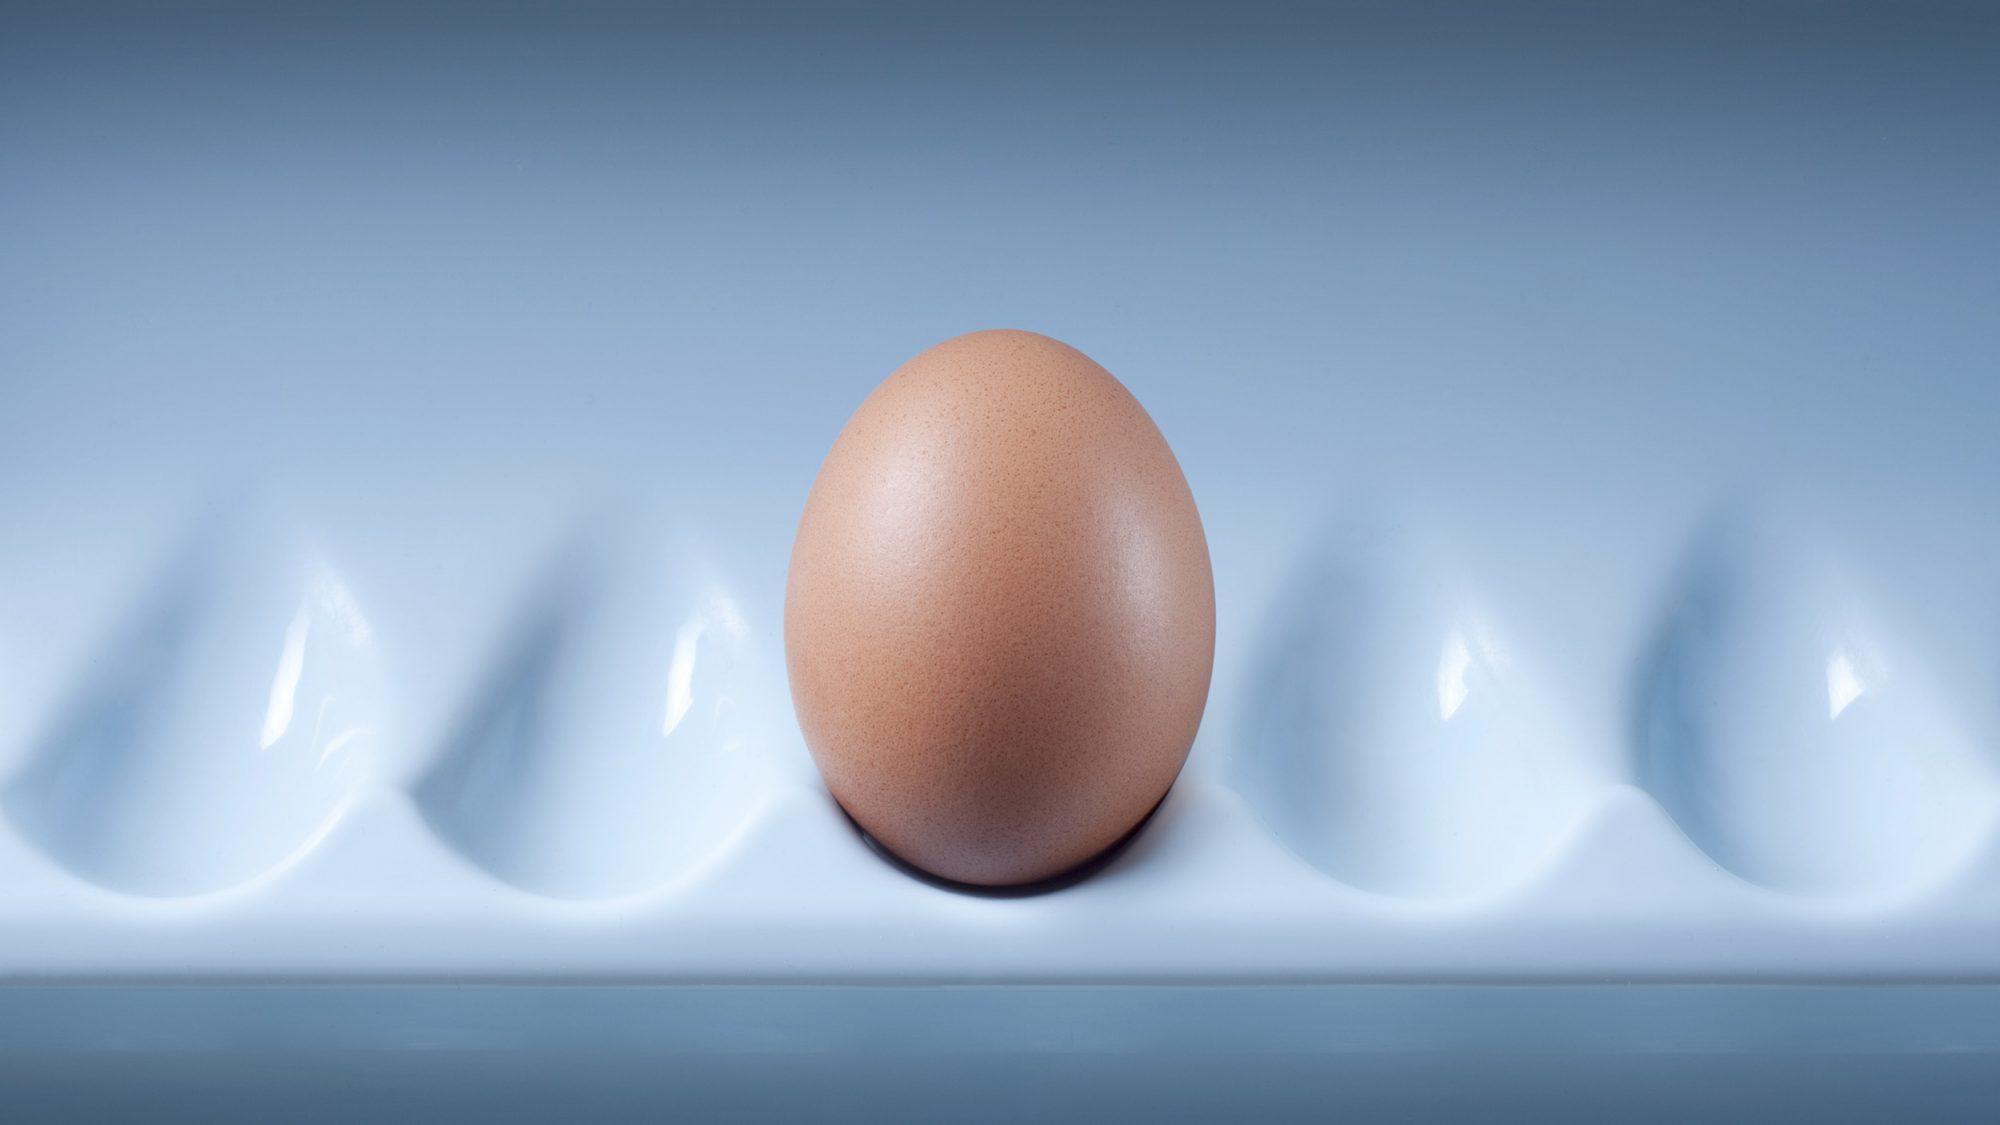 egg in refrigerator door